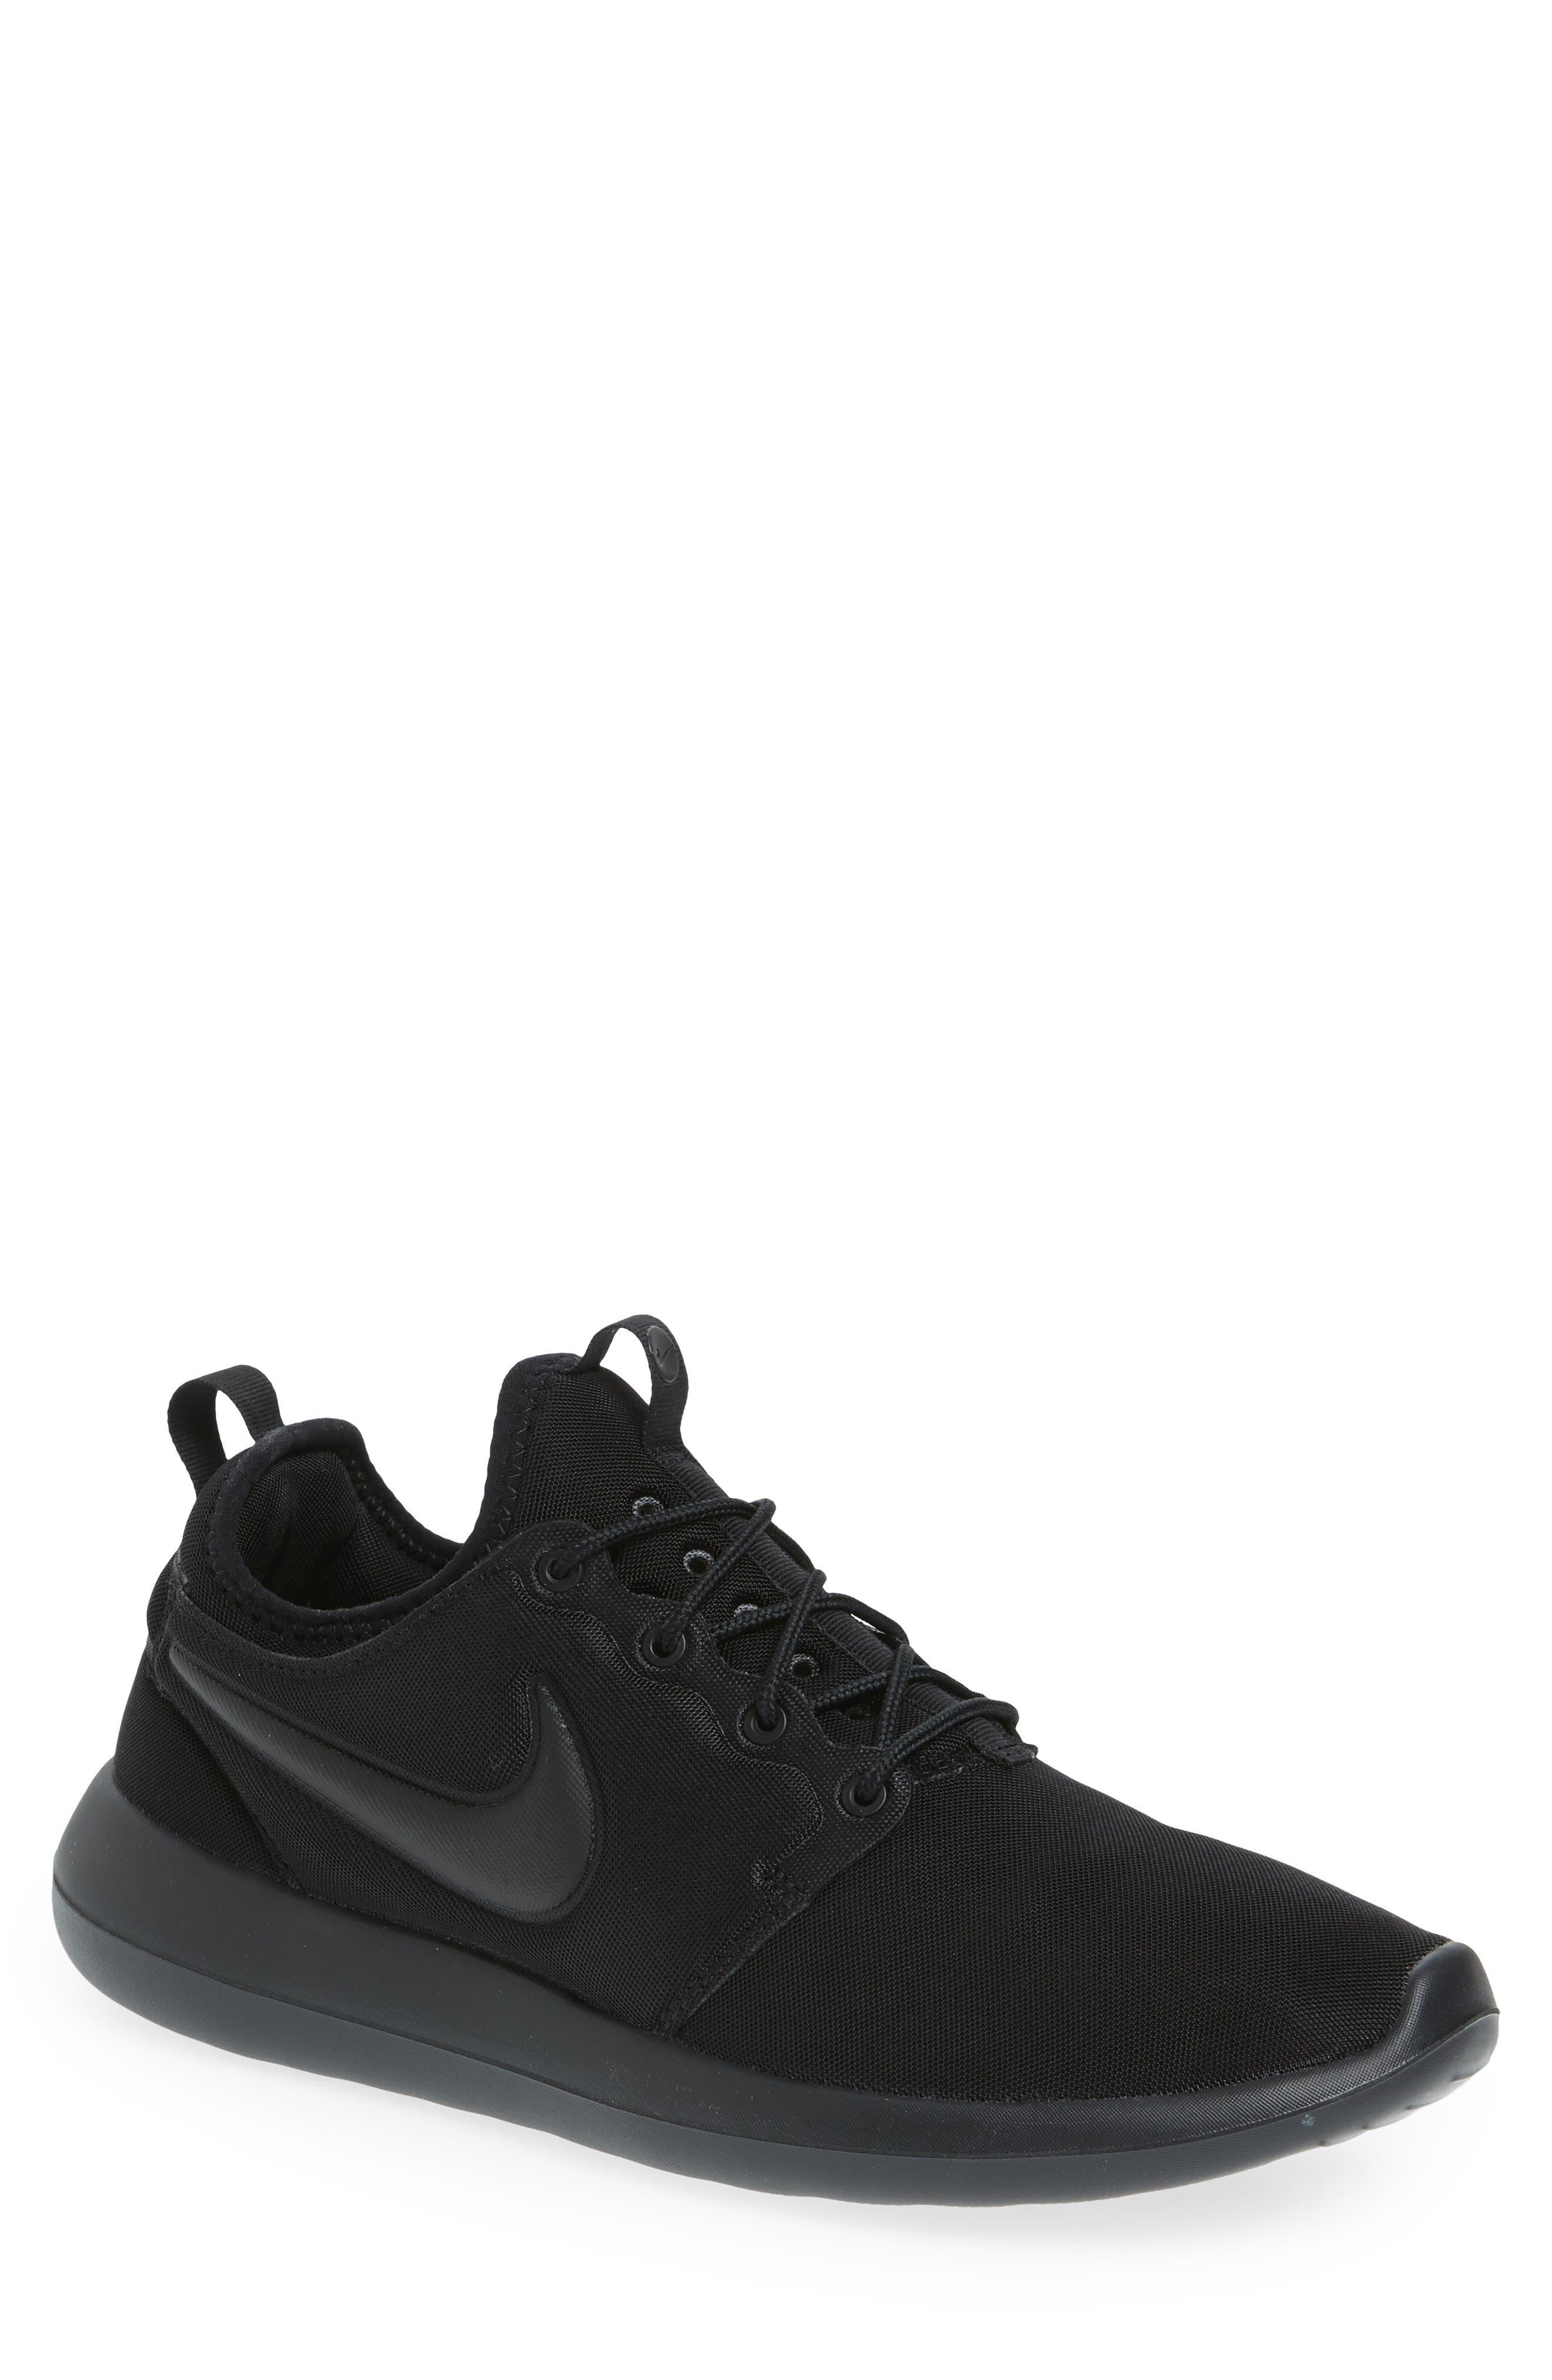 Roshe Two Sneaker,                         Main,                         color,